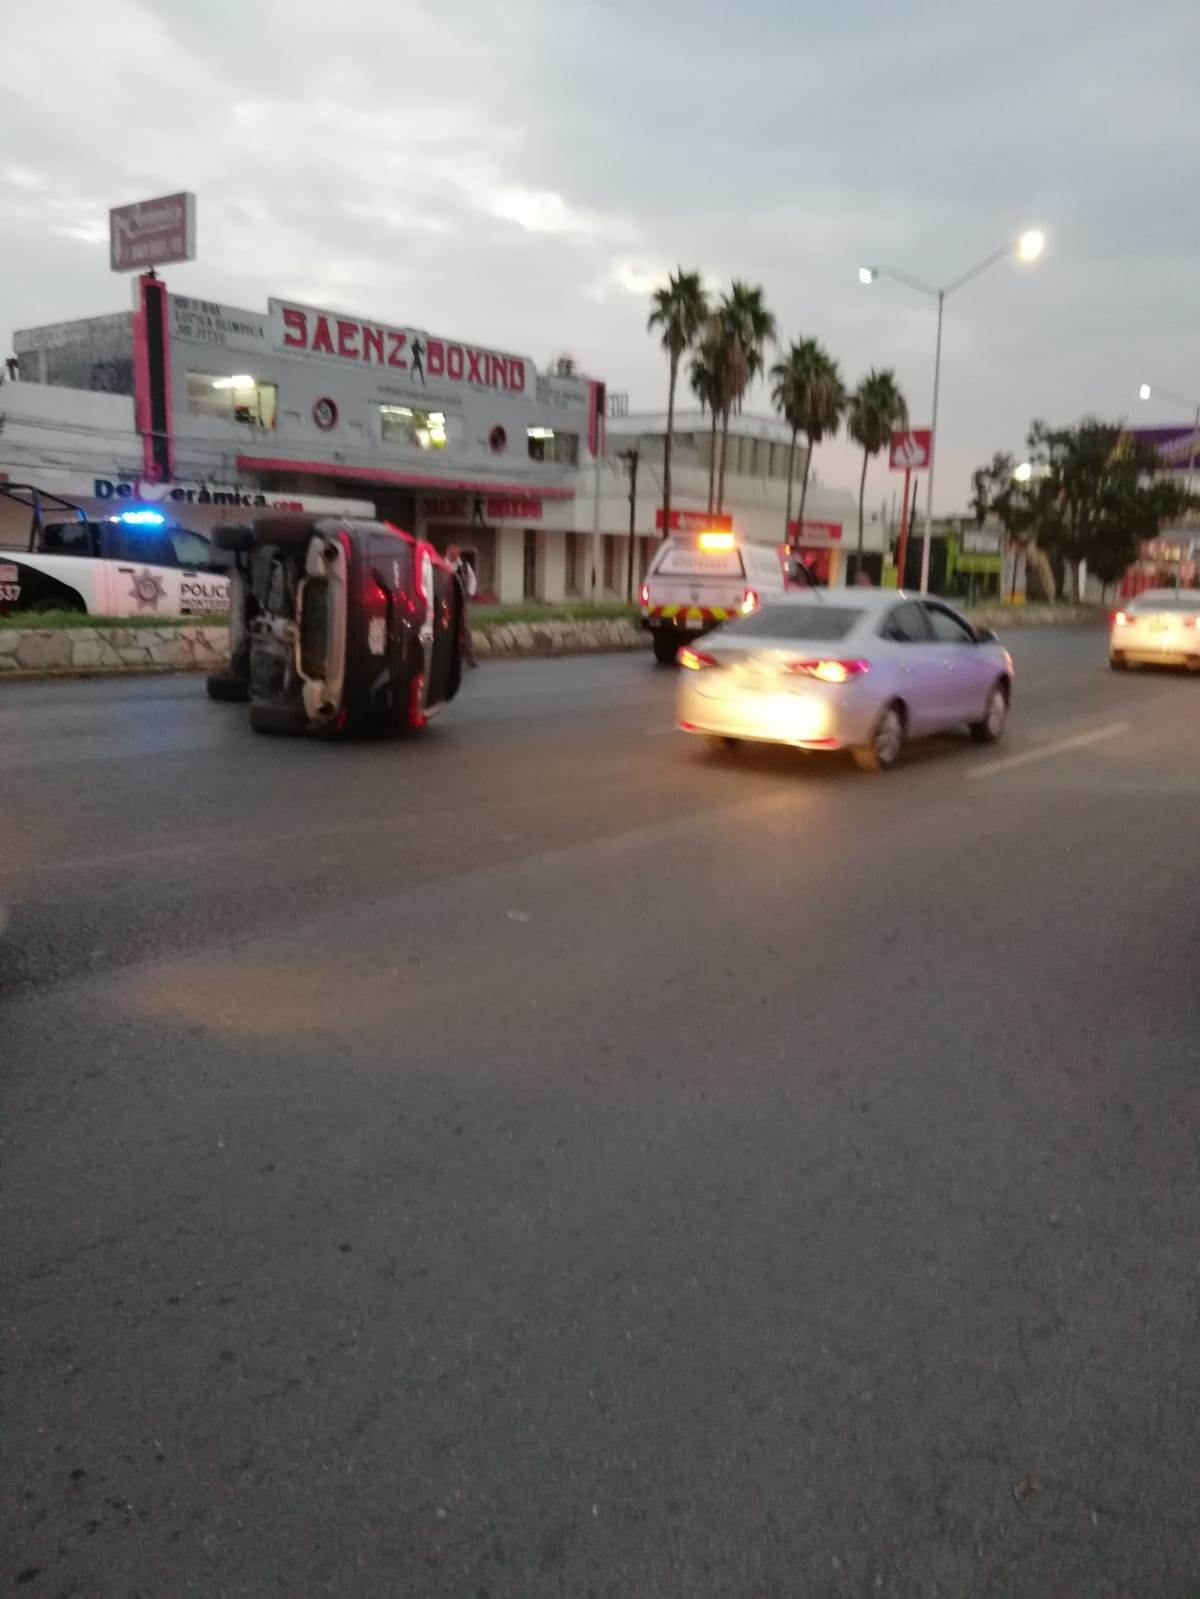 Una camioneta conducida por una mujer terminó volcada después de ser impactada por otro vehículo